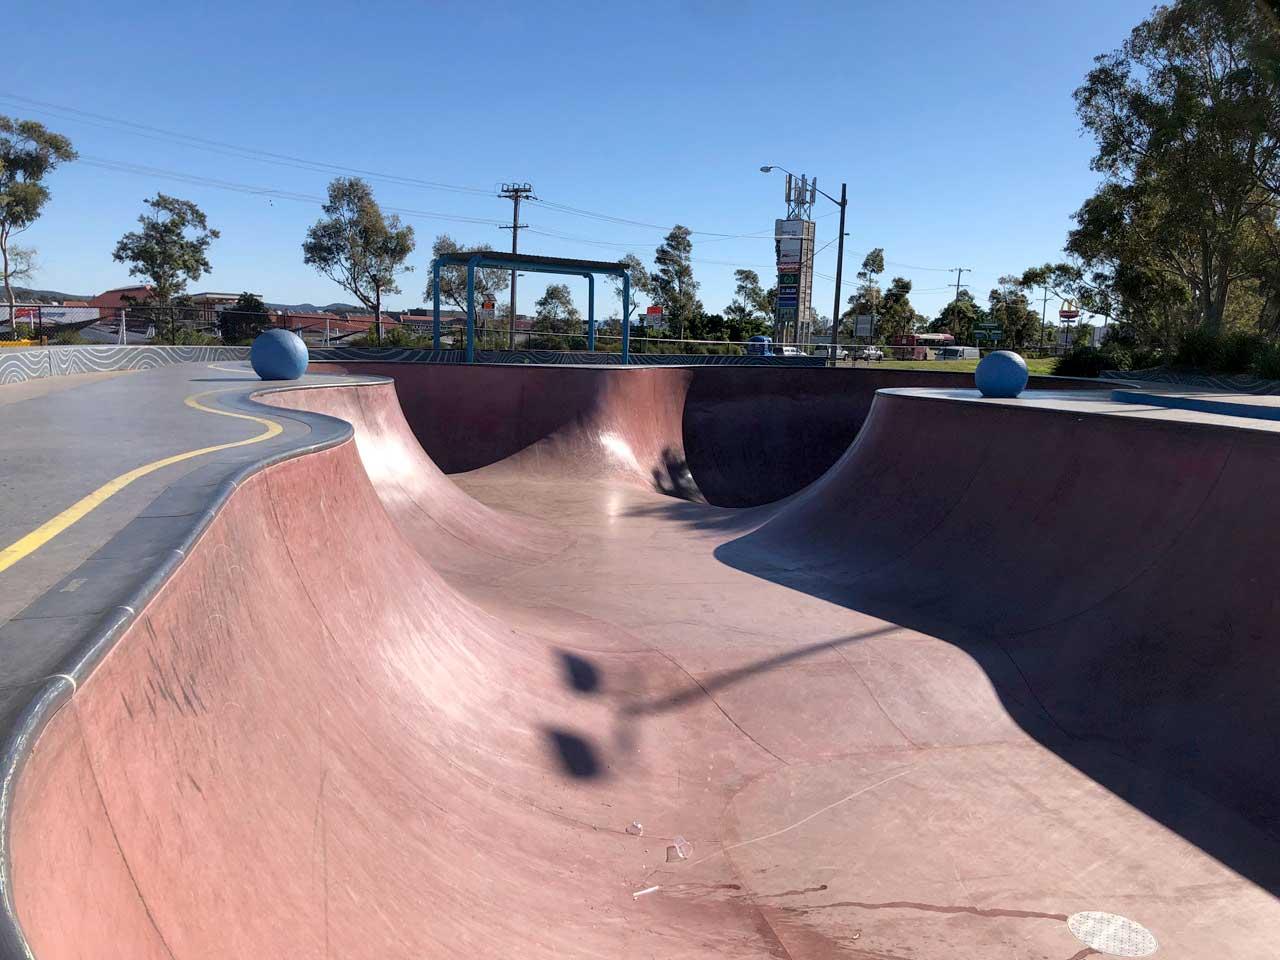 Bateau Bay Skate Park (Bato Yard)